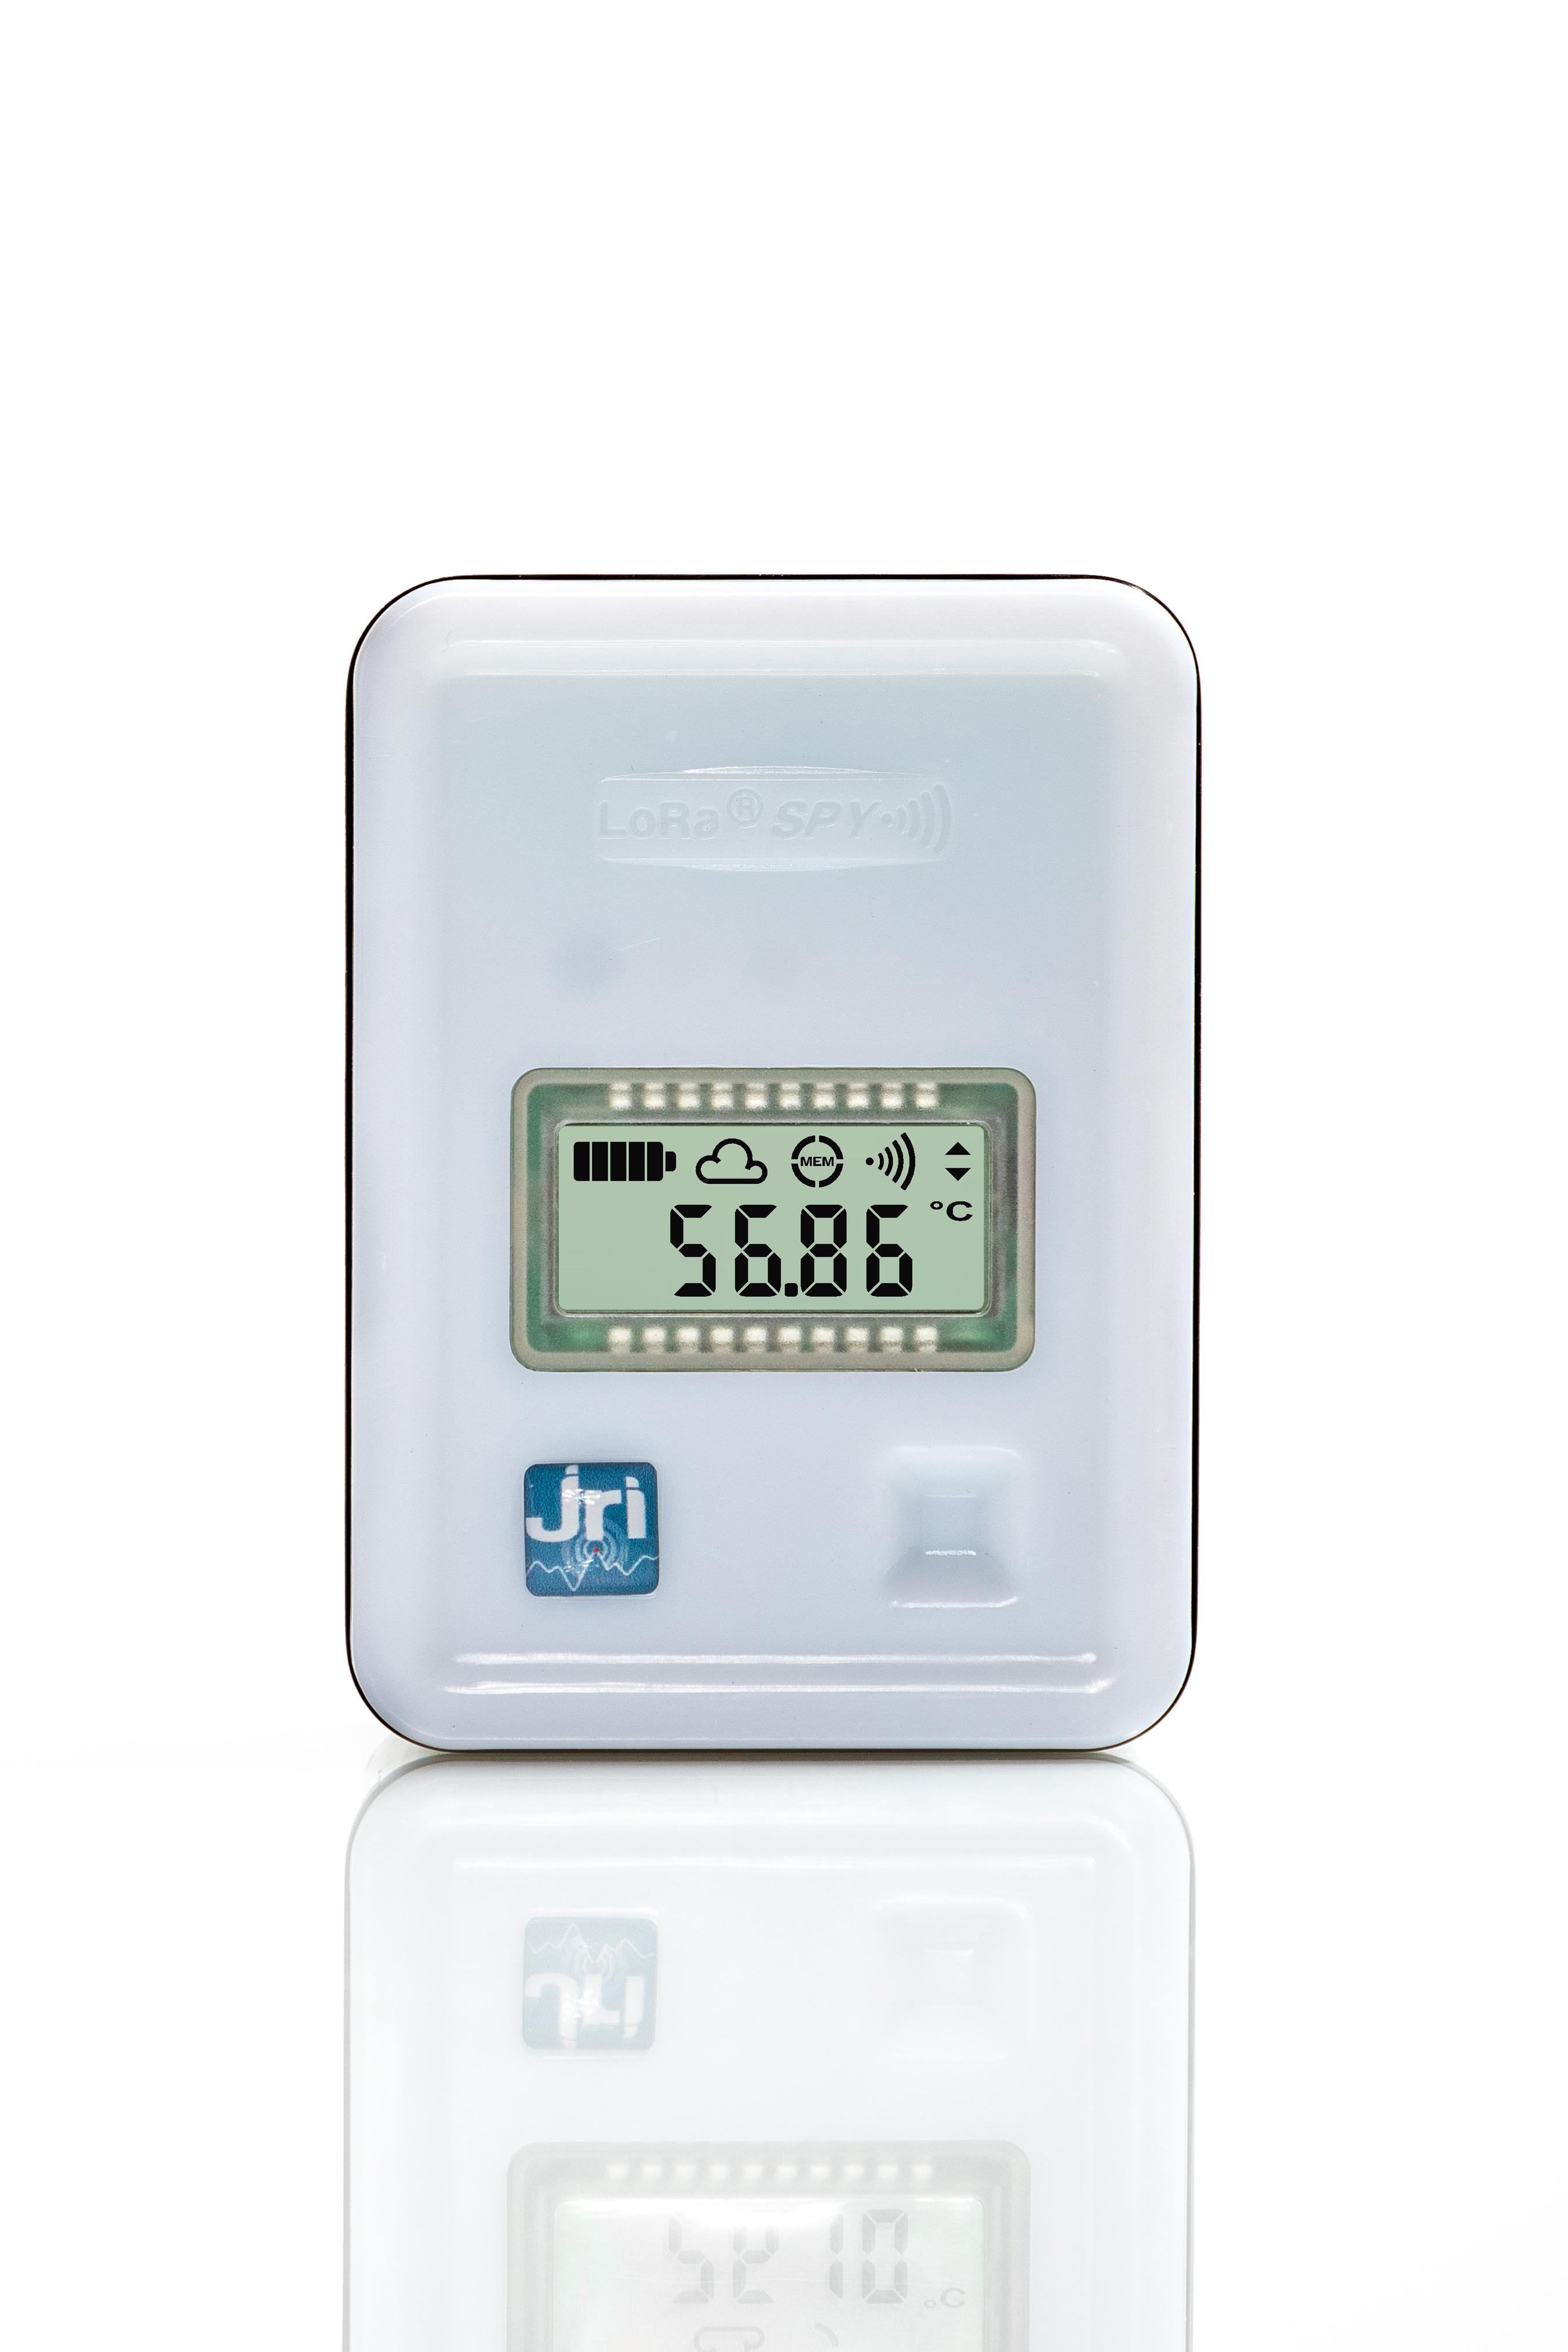 Sistem de monitorizare temperatura pentru tevi, conducte si sisteme de apa fierbinte